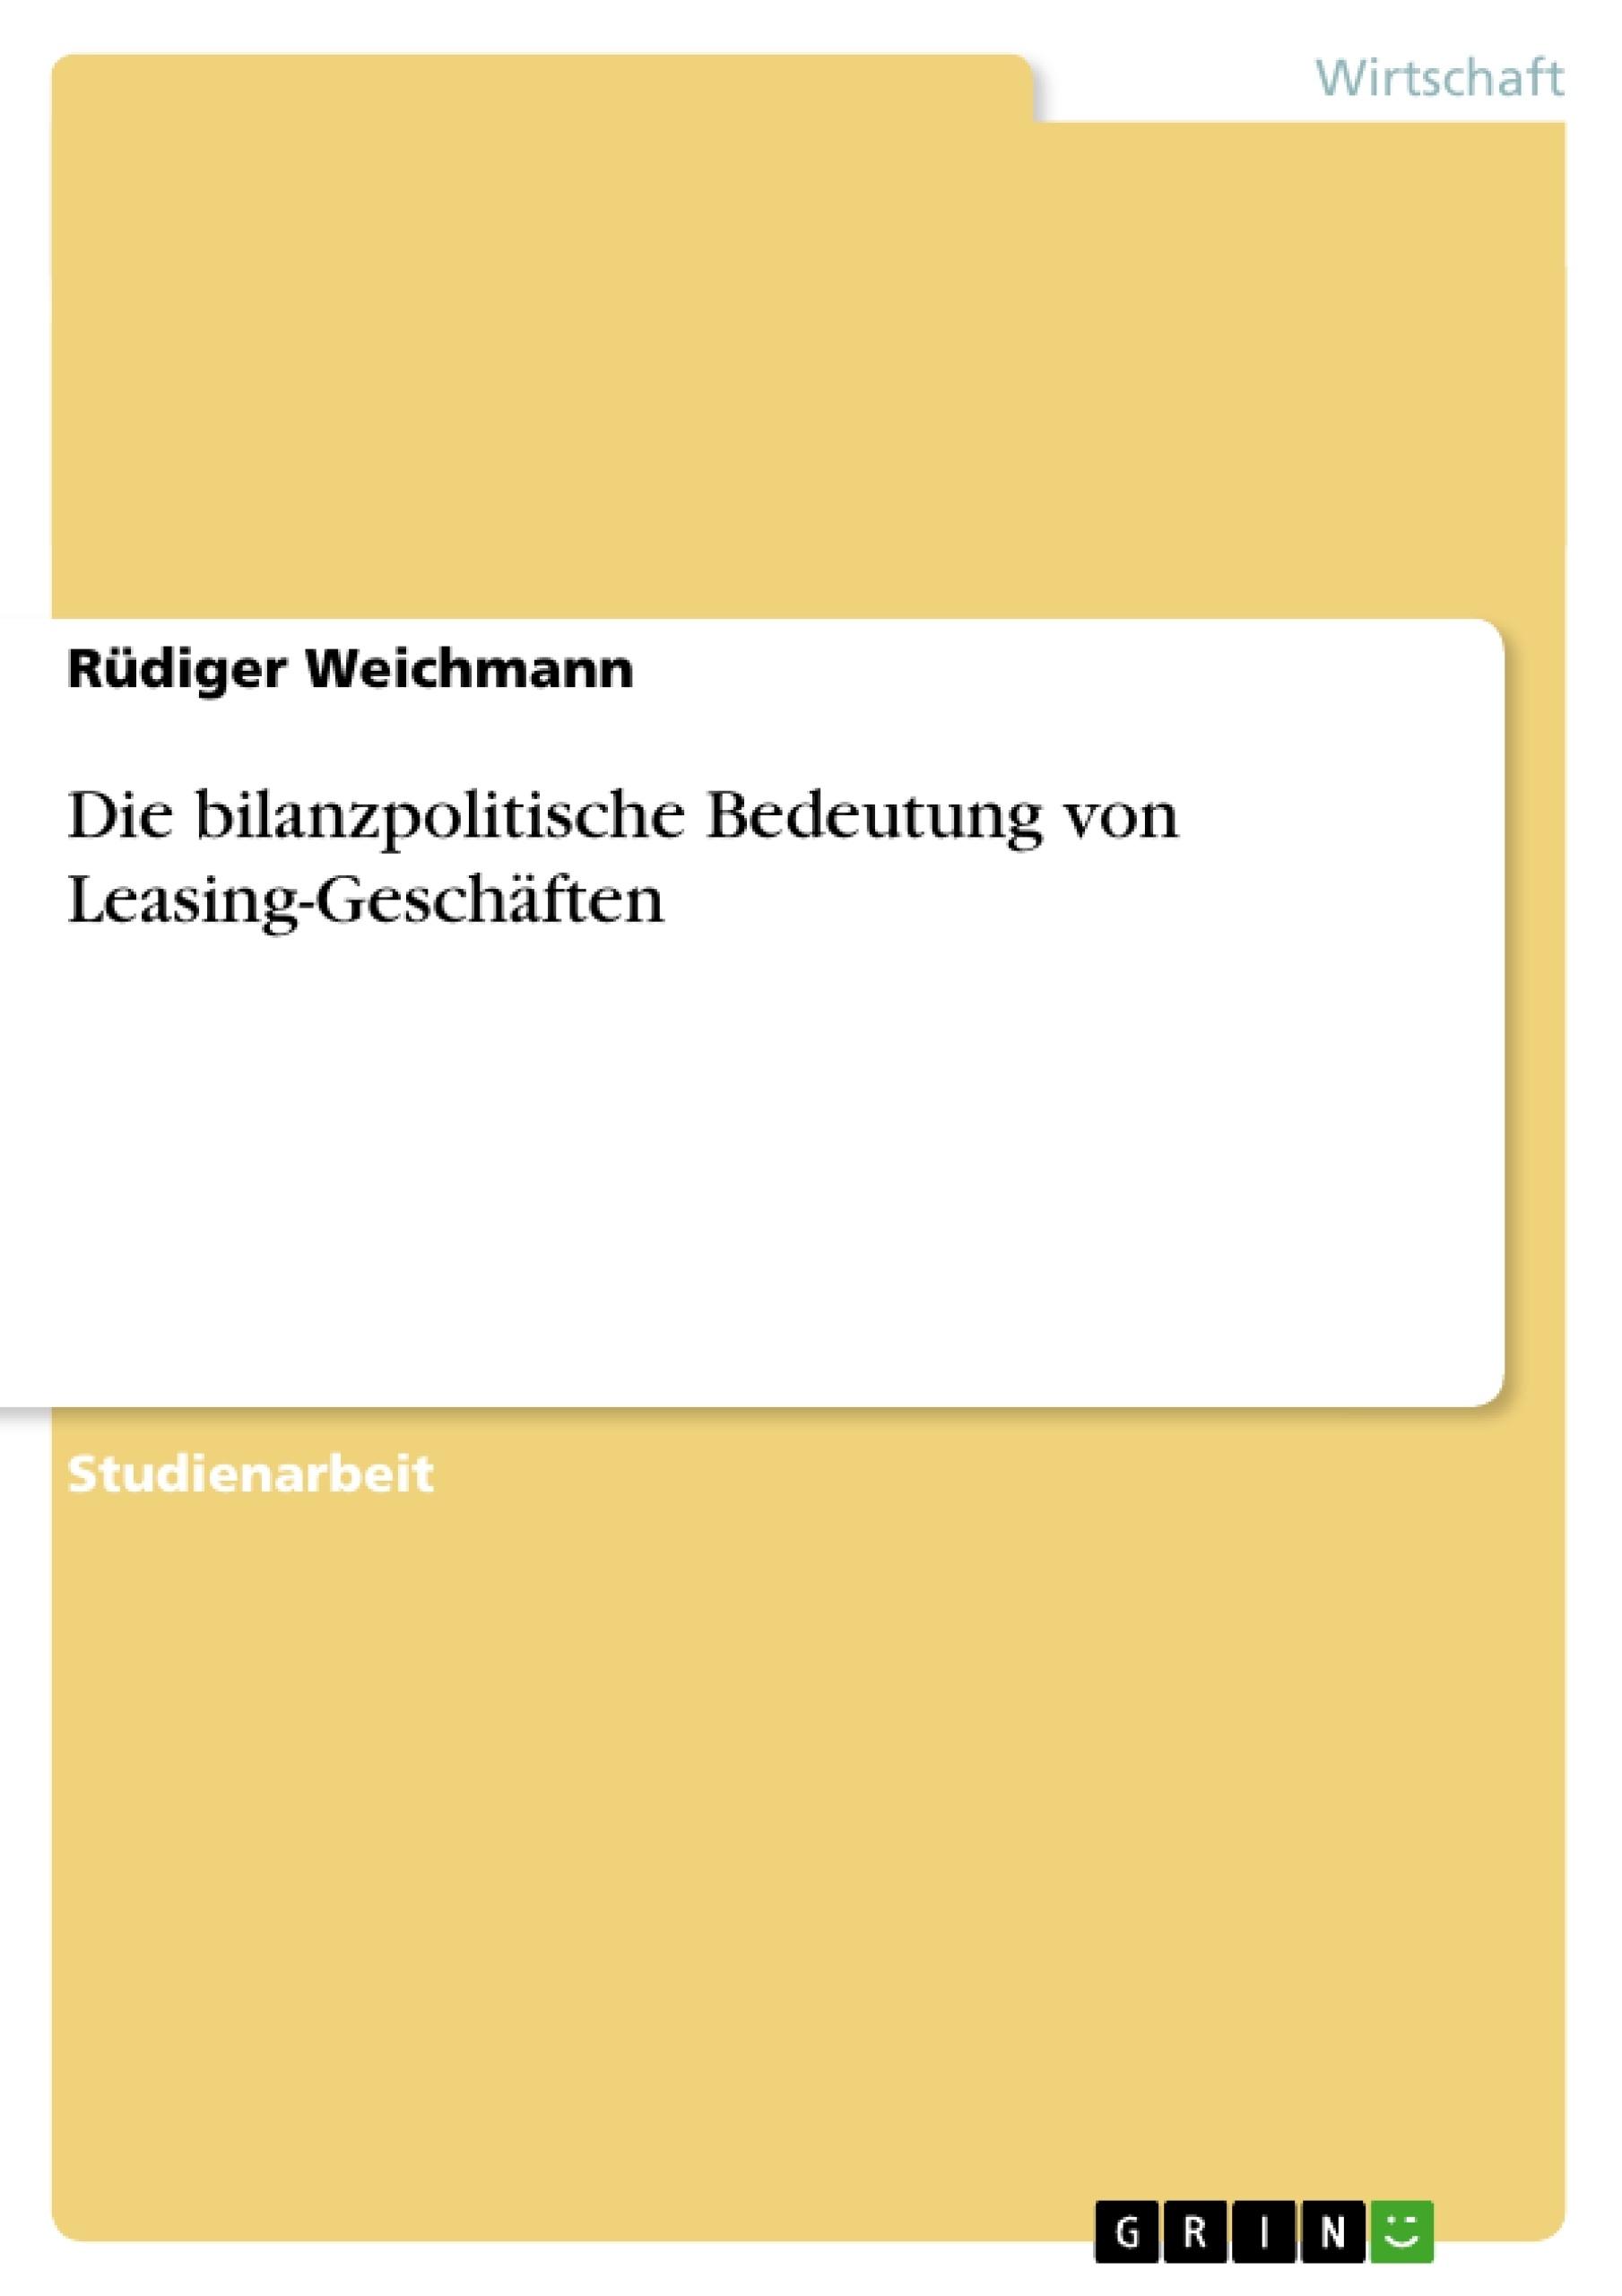 Titel: Die bilanzpolitische Bedeutung von Leasing-Geschäften